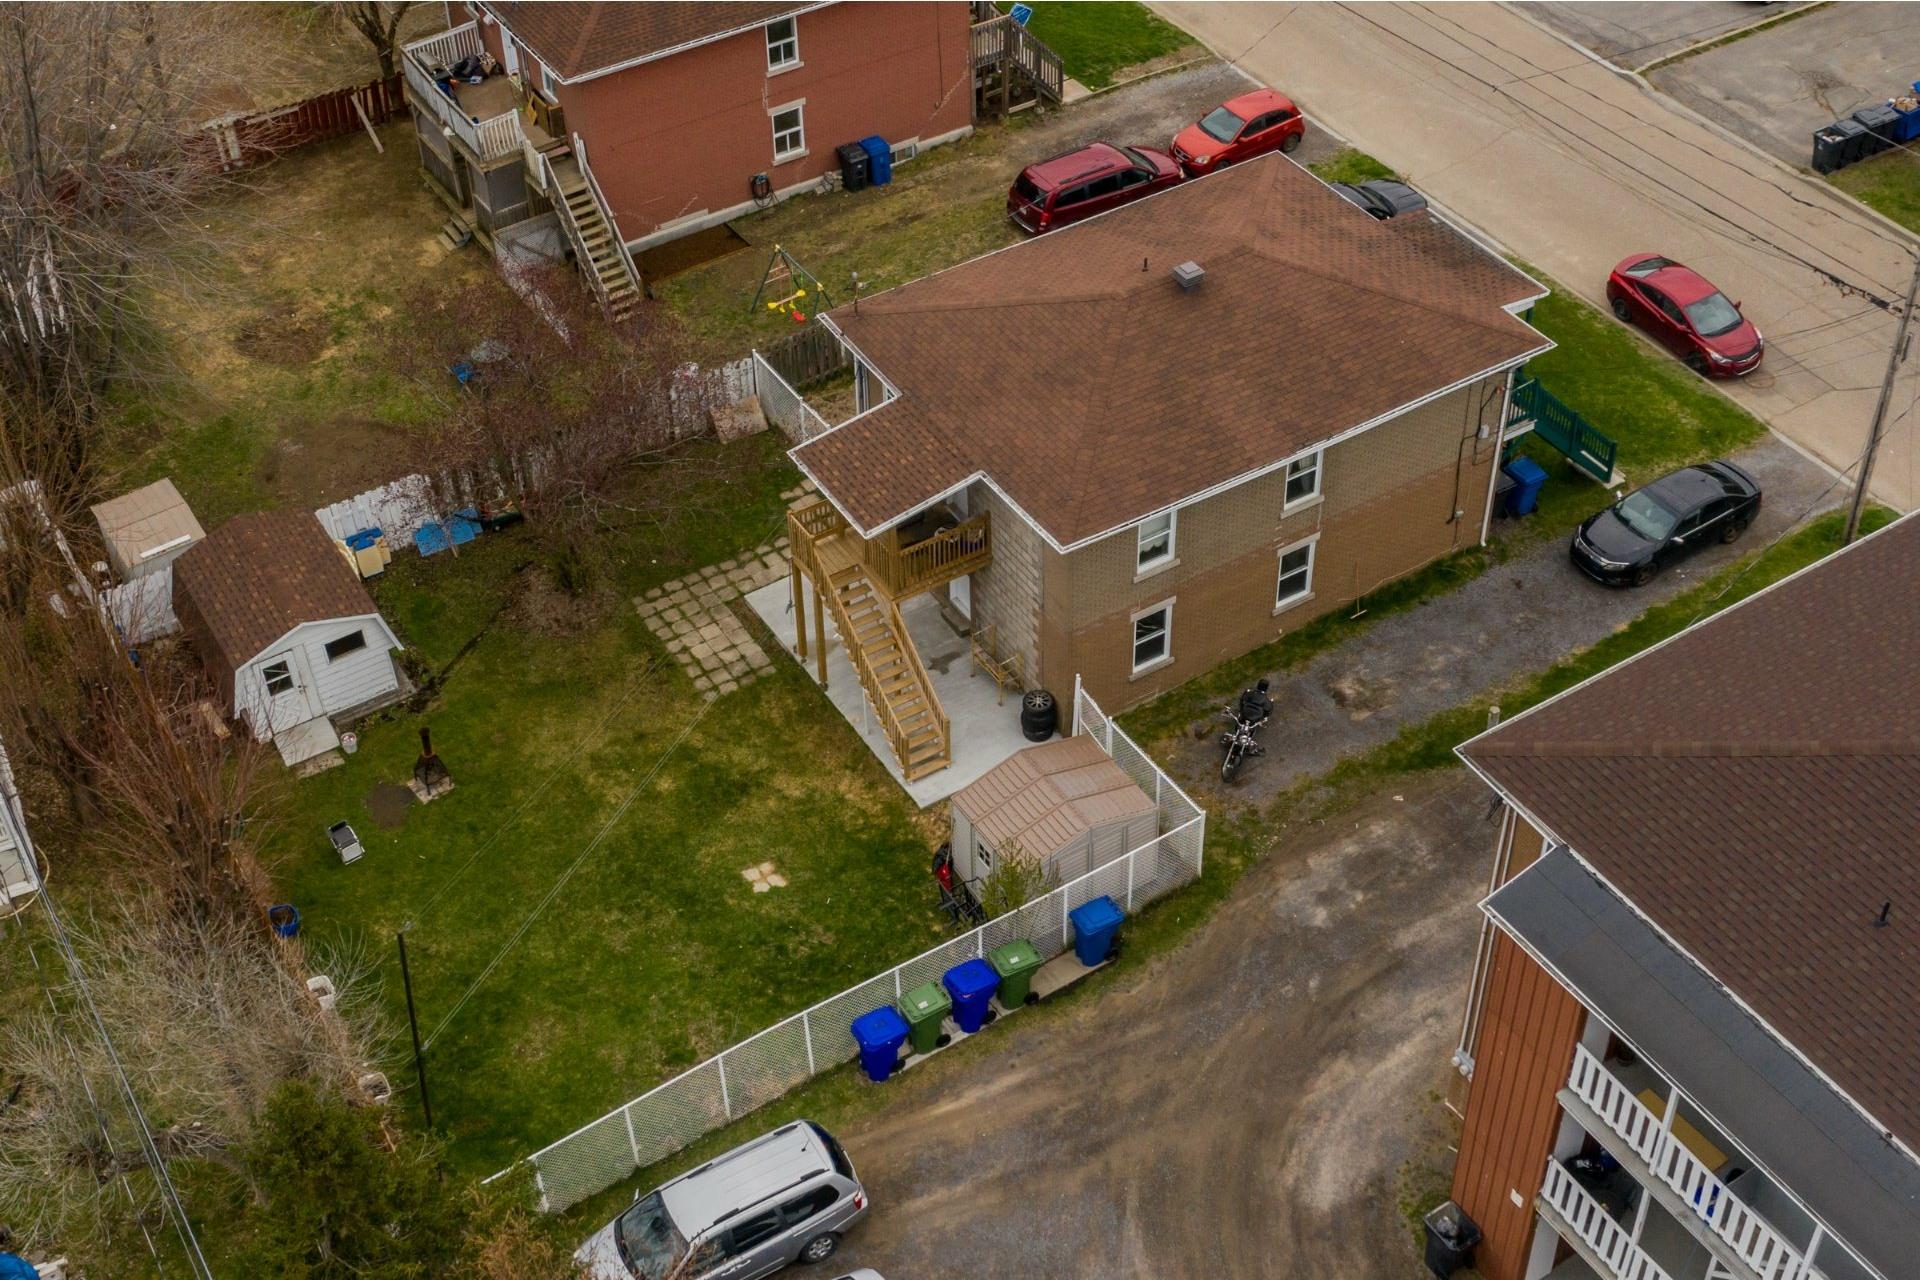 image 27 - Duplex For sale Trois-Rivières - 5 rooms